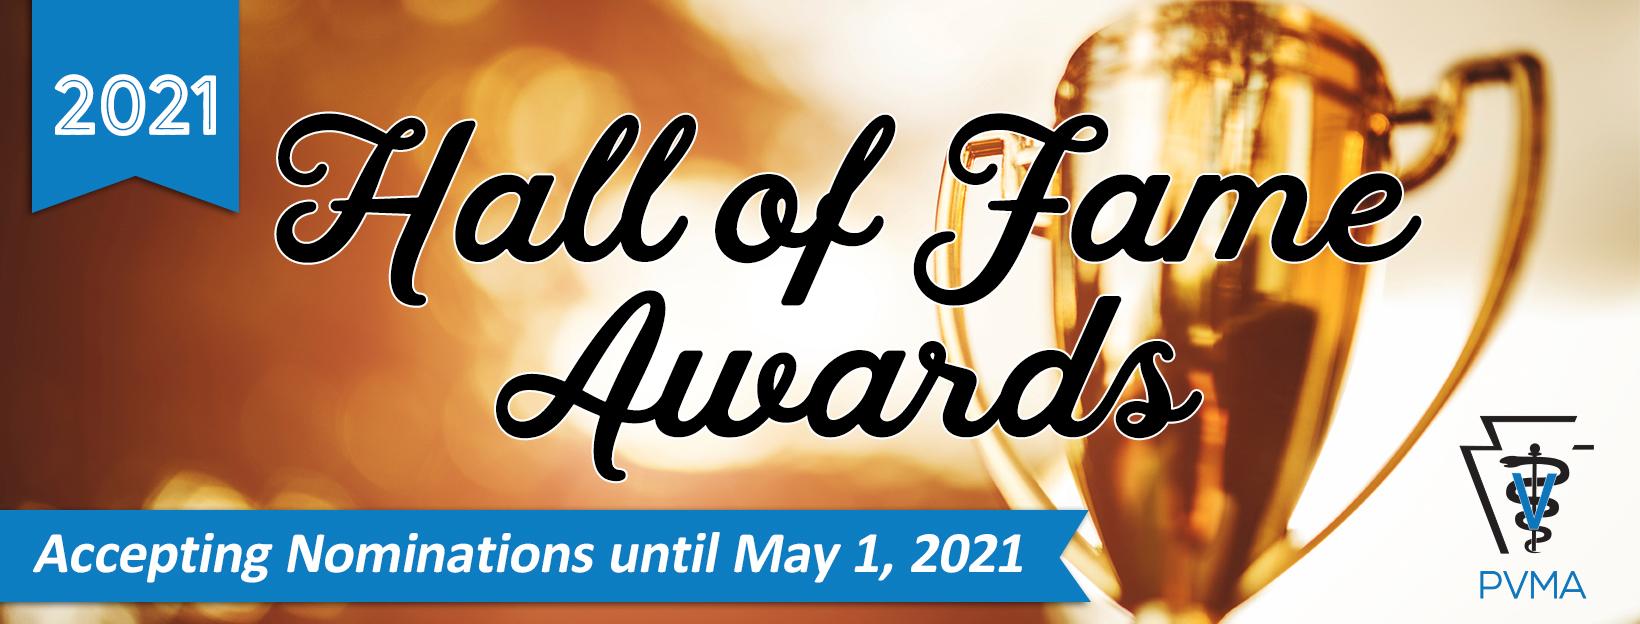 2021 Hall of Fame Header